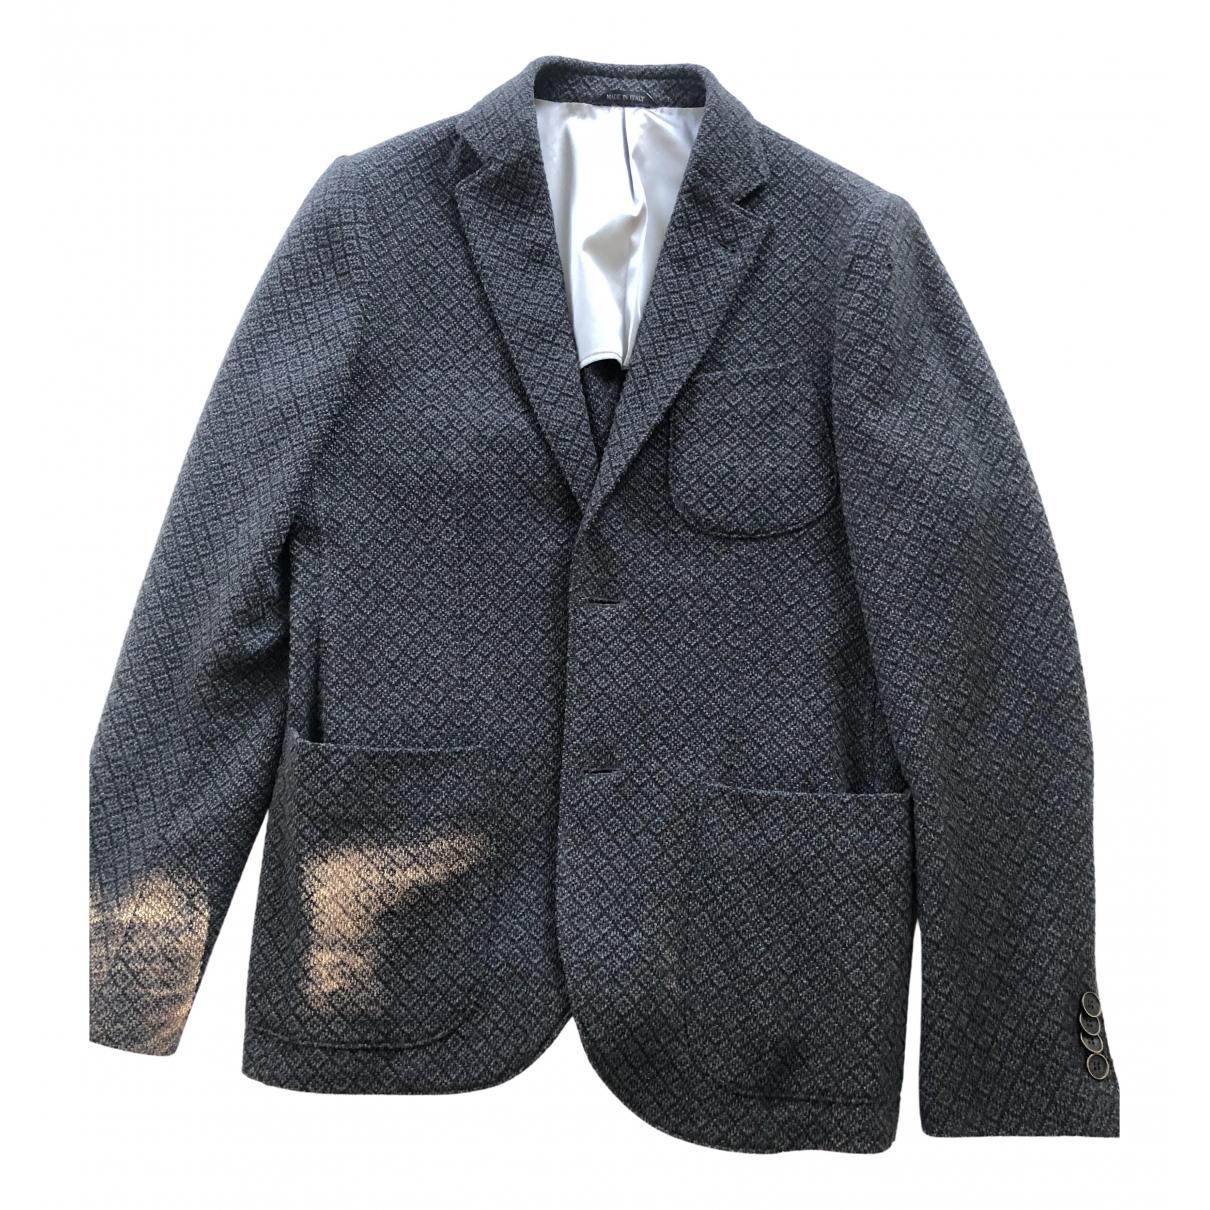 Giorgio Armani - Vestes.Blousons   pour homme en laine - anthracite